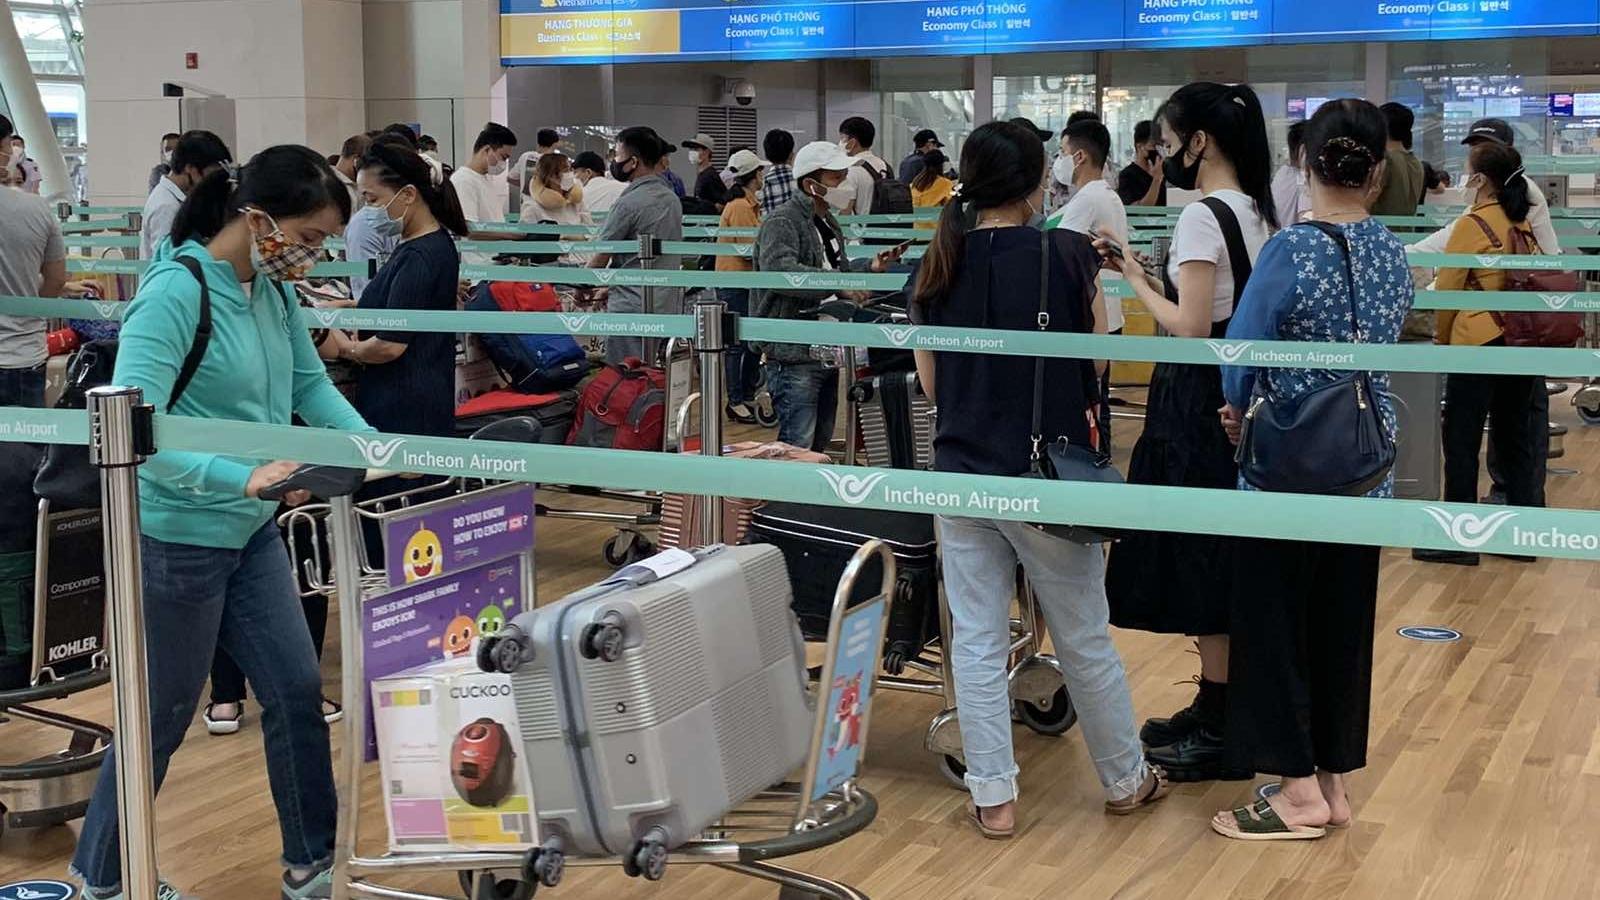 2 chuyến bay đưa gần 380 người Việt Nam về từ Hàn Quốc hạ cánh ở Cam Ranh